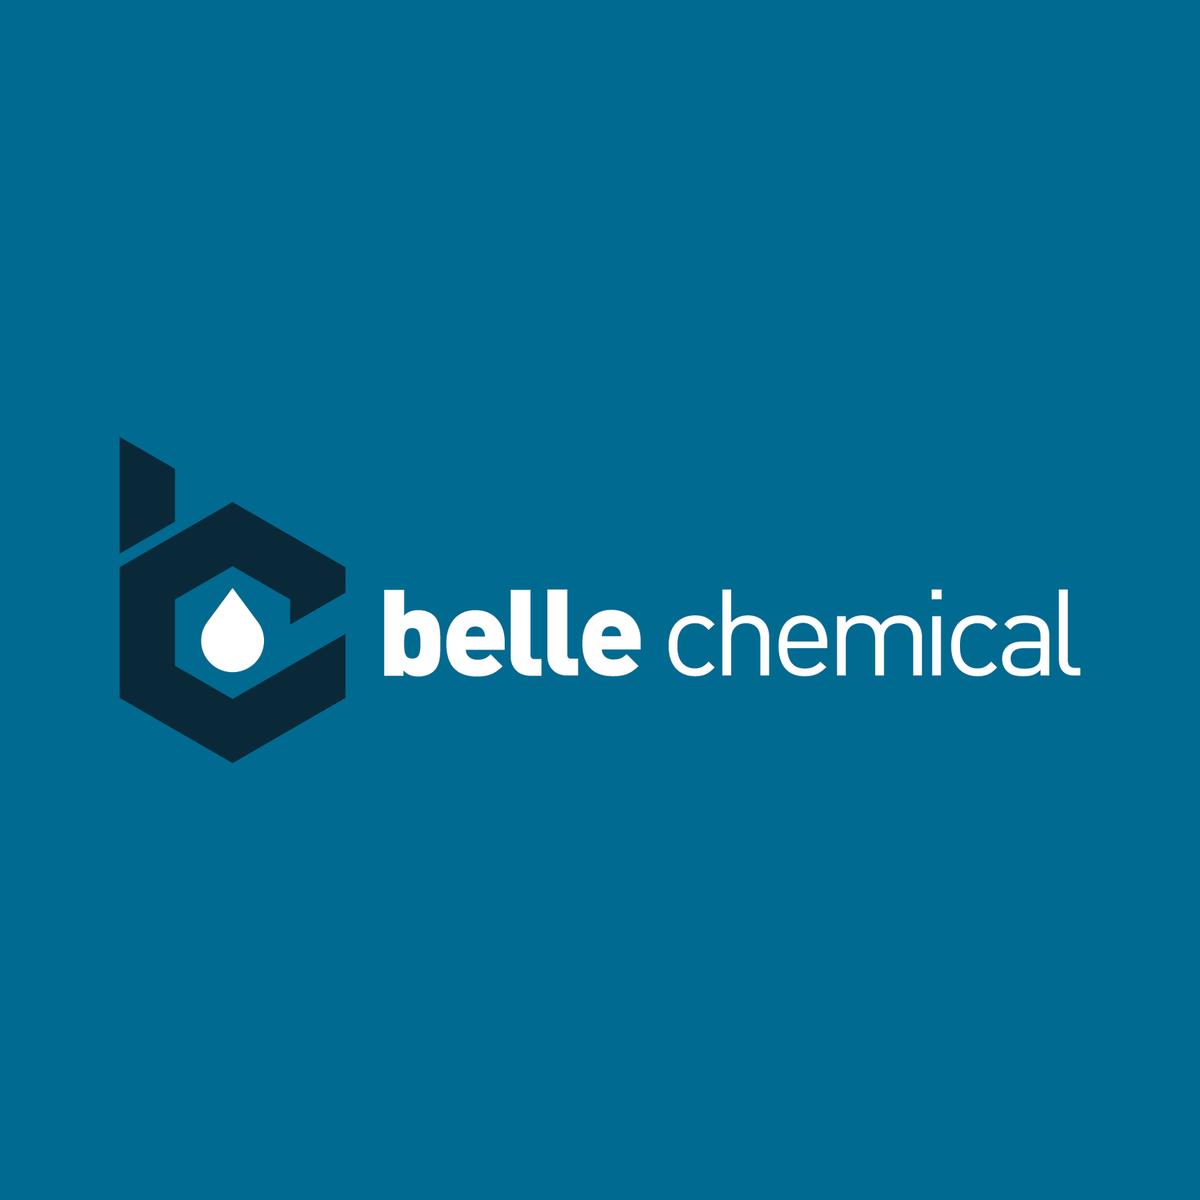 bellechemical